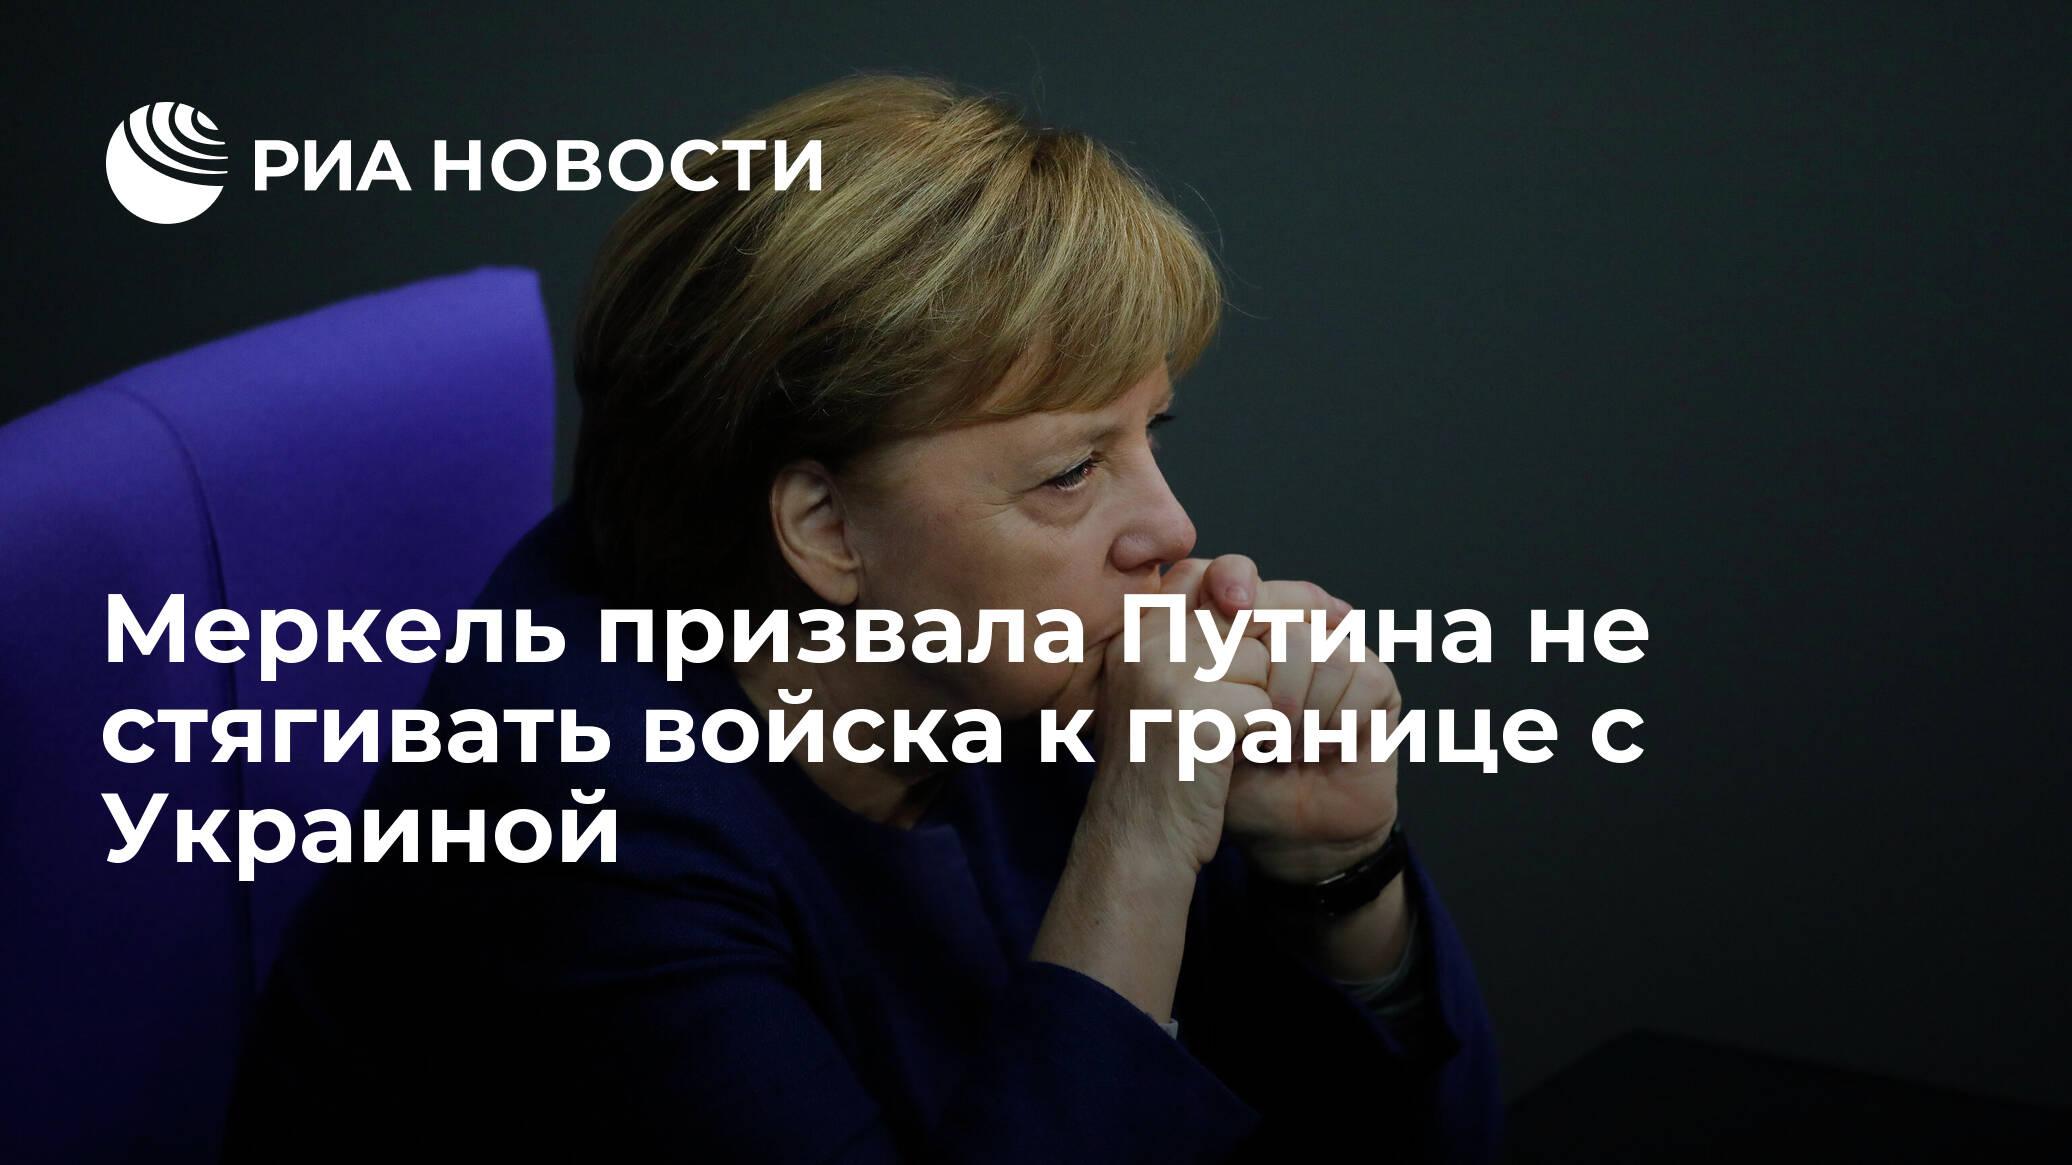 Меркель призвала Путина сократить военное присутствие у границ с Украиной